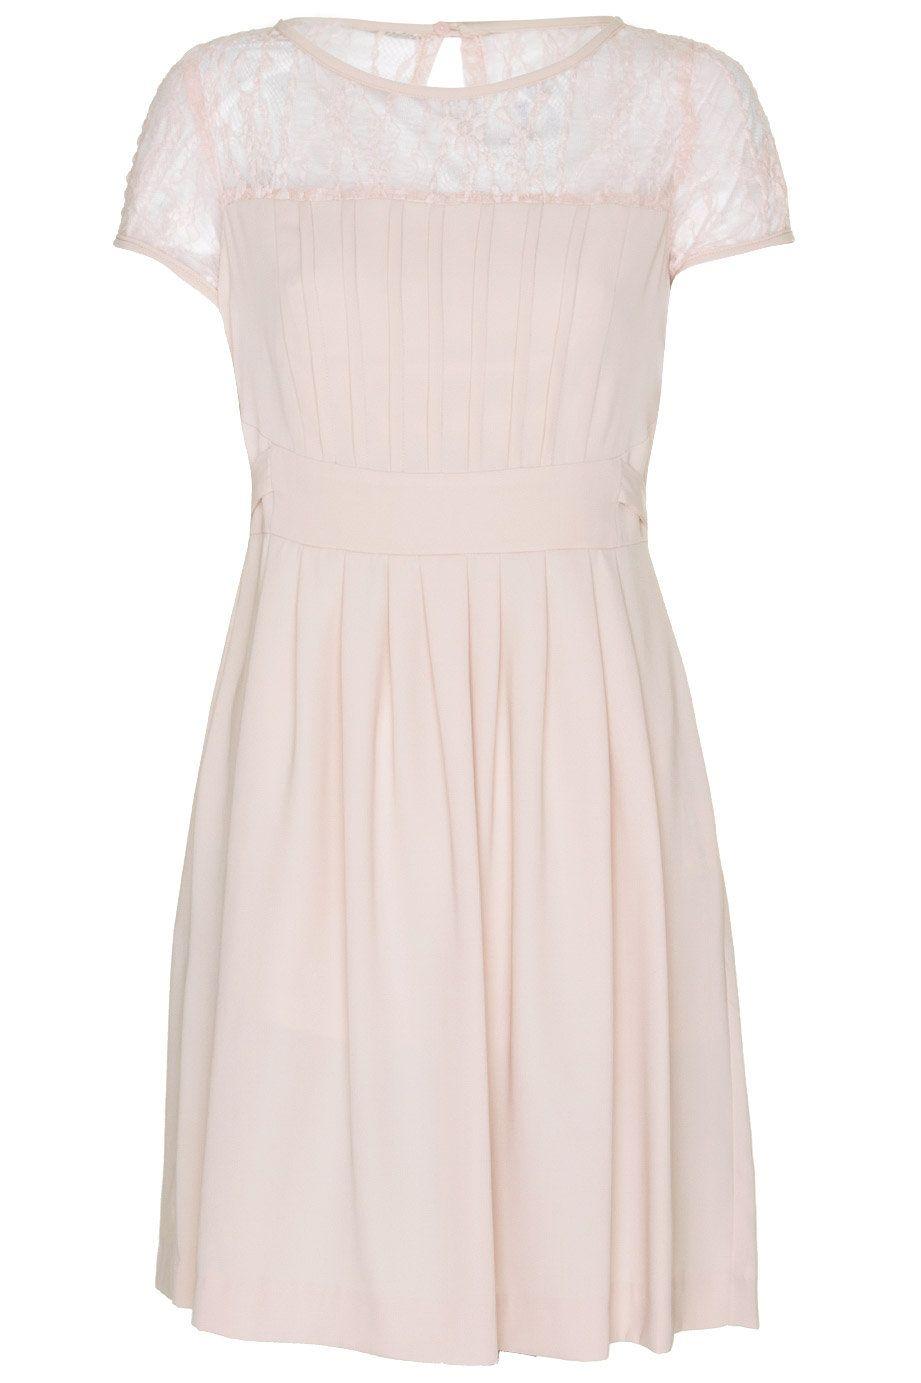 d31f4e12482 Vestido corto con frontal y mangas de encaje y detalle de jaretasy tablas  en la falda